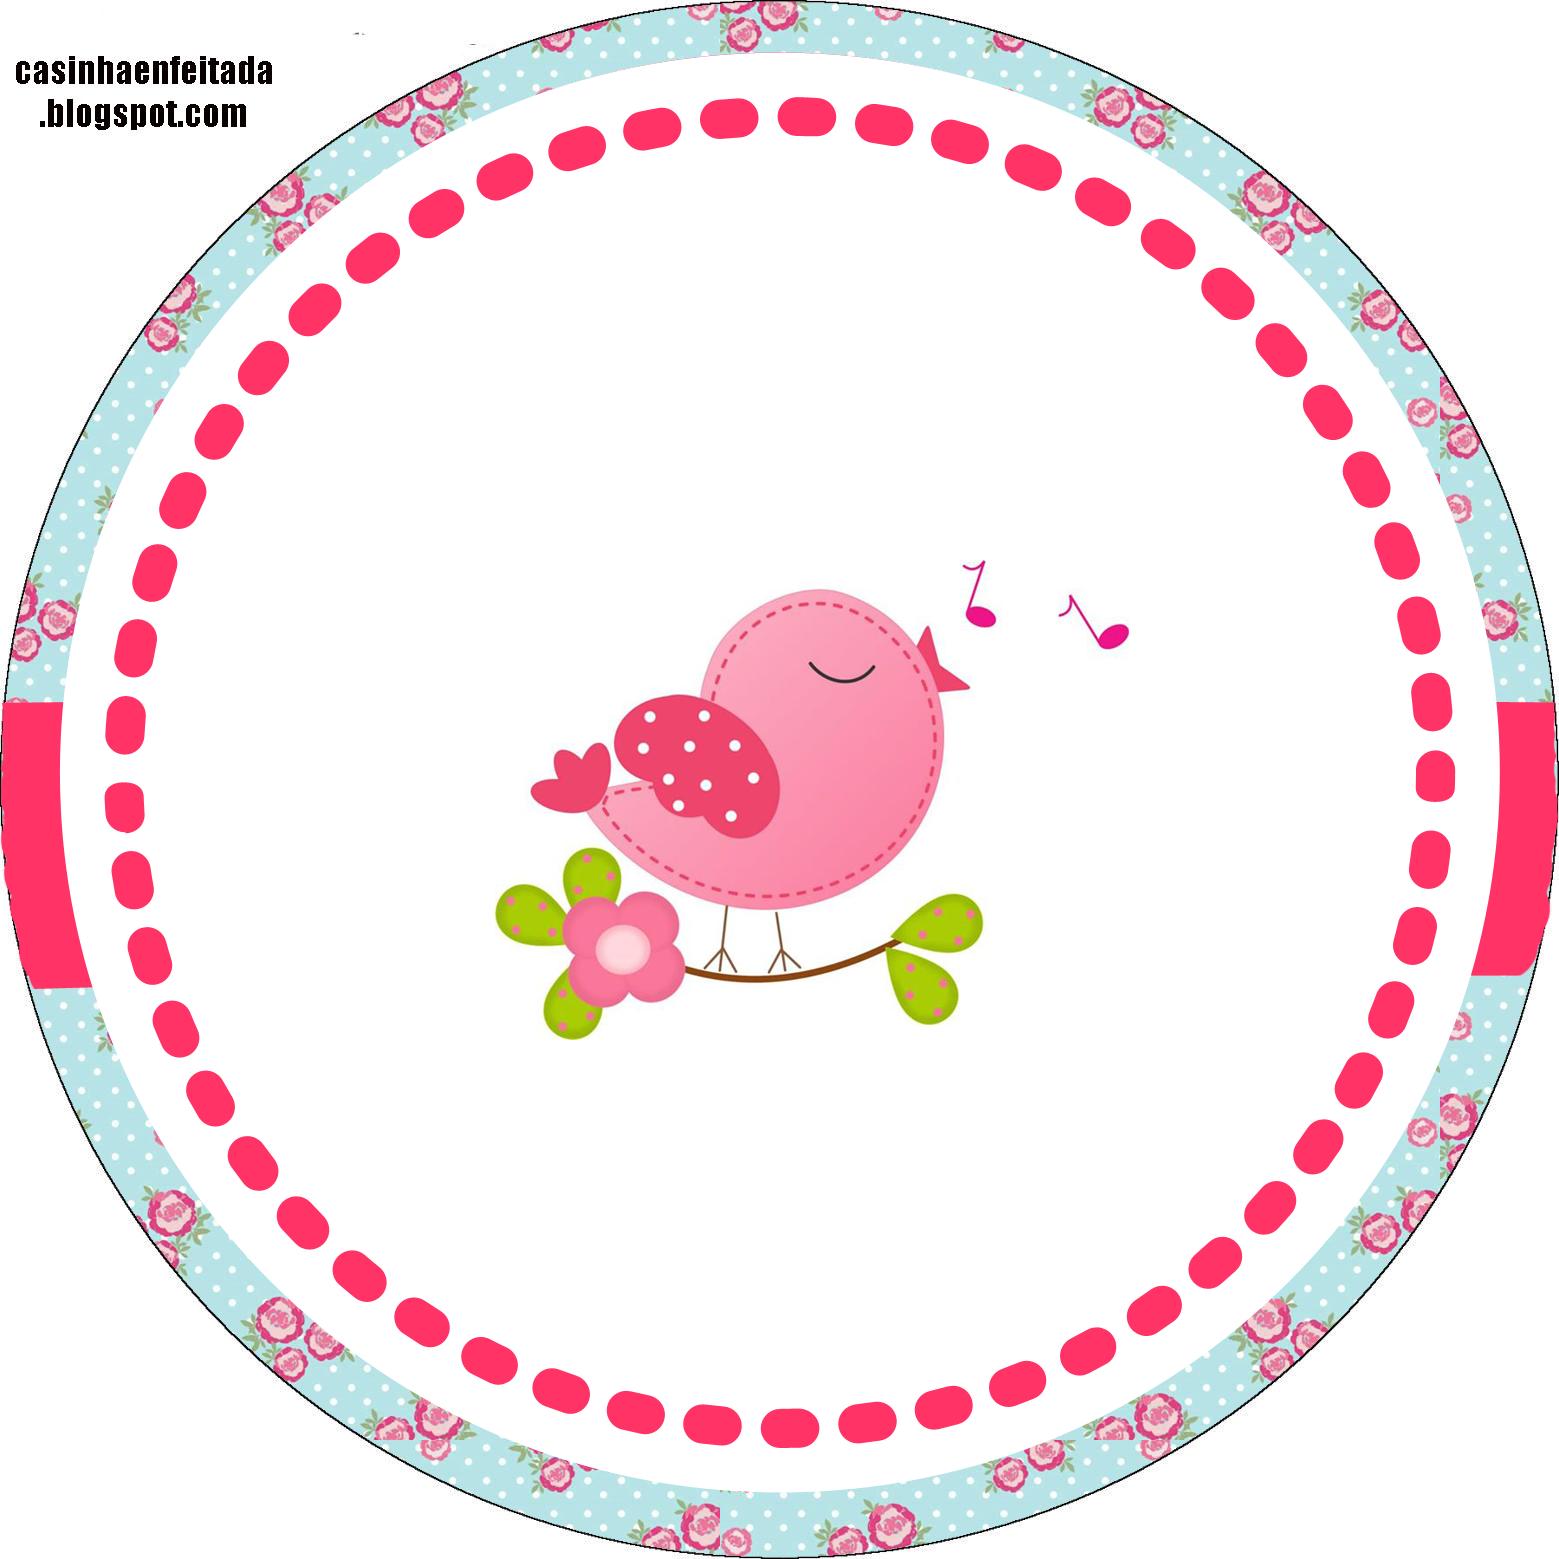 Adesivo Rivastigmina Bula ~ Kit Festa Passarinhos Para Imprimir Grátis Festa passarinho, Casa de crianças e Kit festa